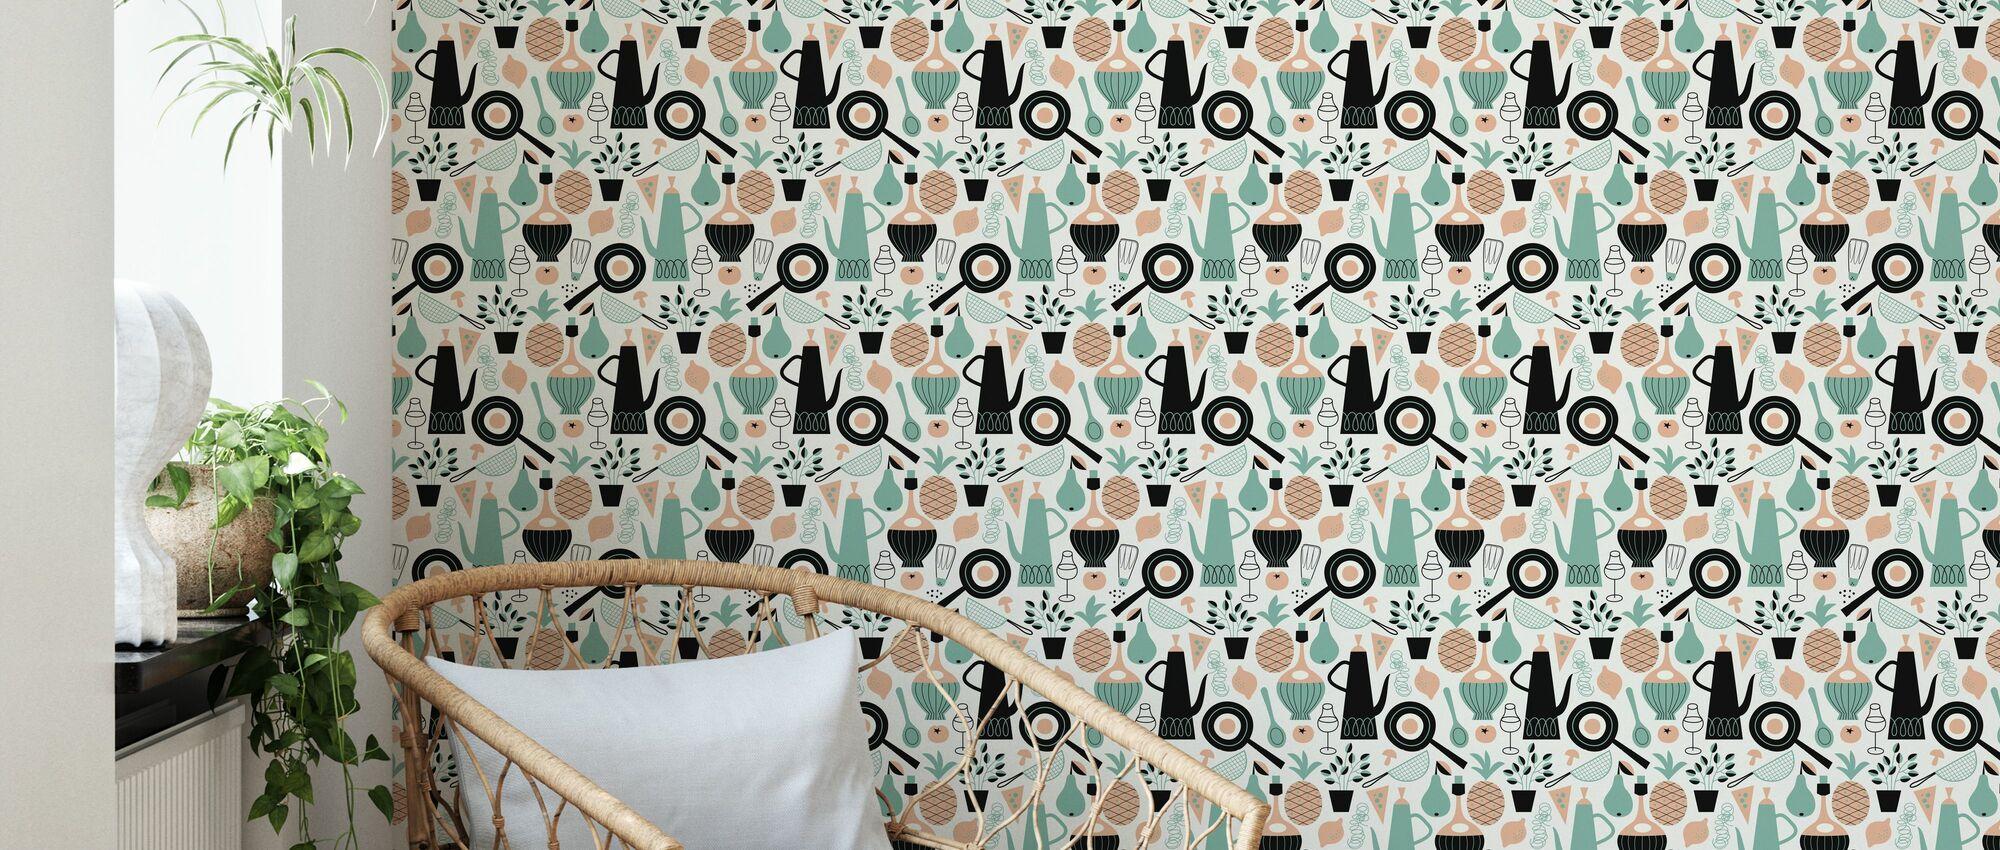 Pineapple & Pear - White - Wallpaper - Living Room